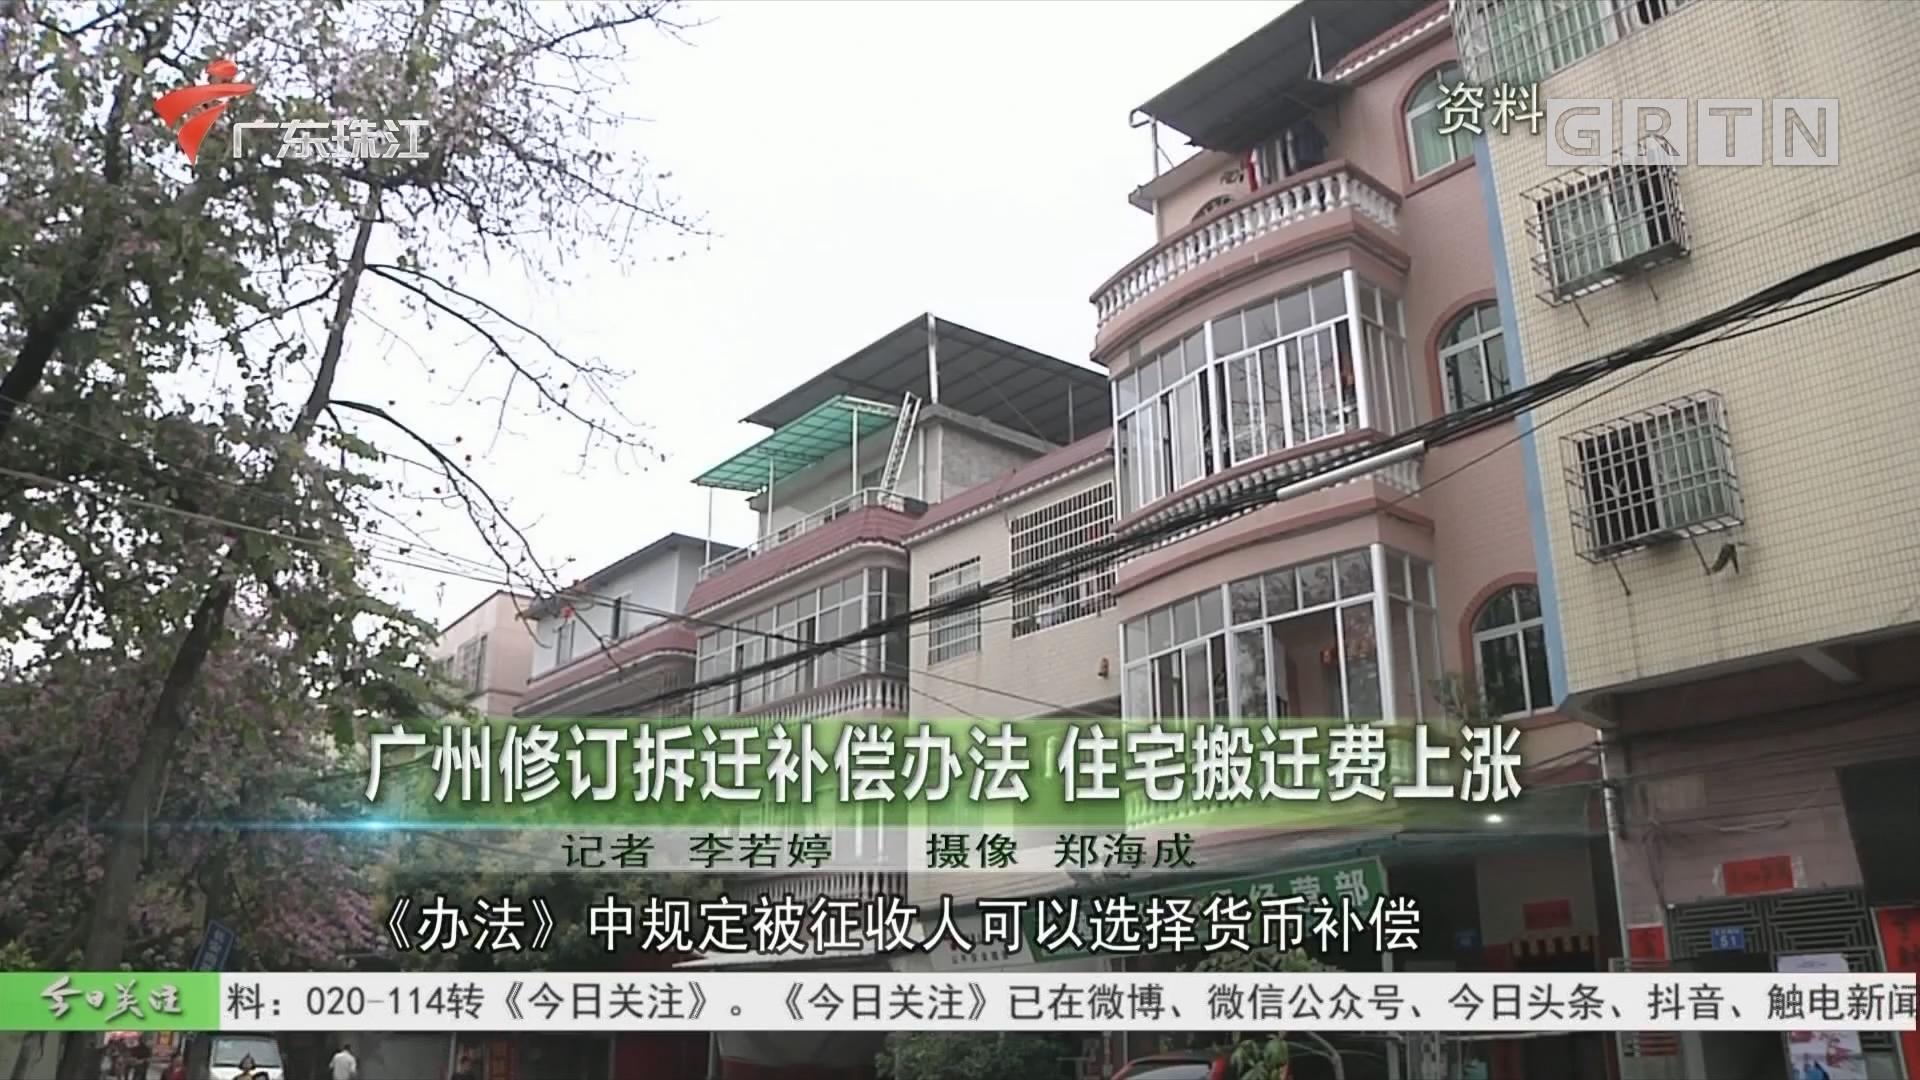 廣州修訂拆遷補償辦法 住宅搬遷費上漲